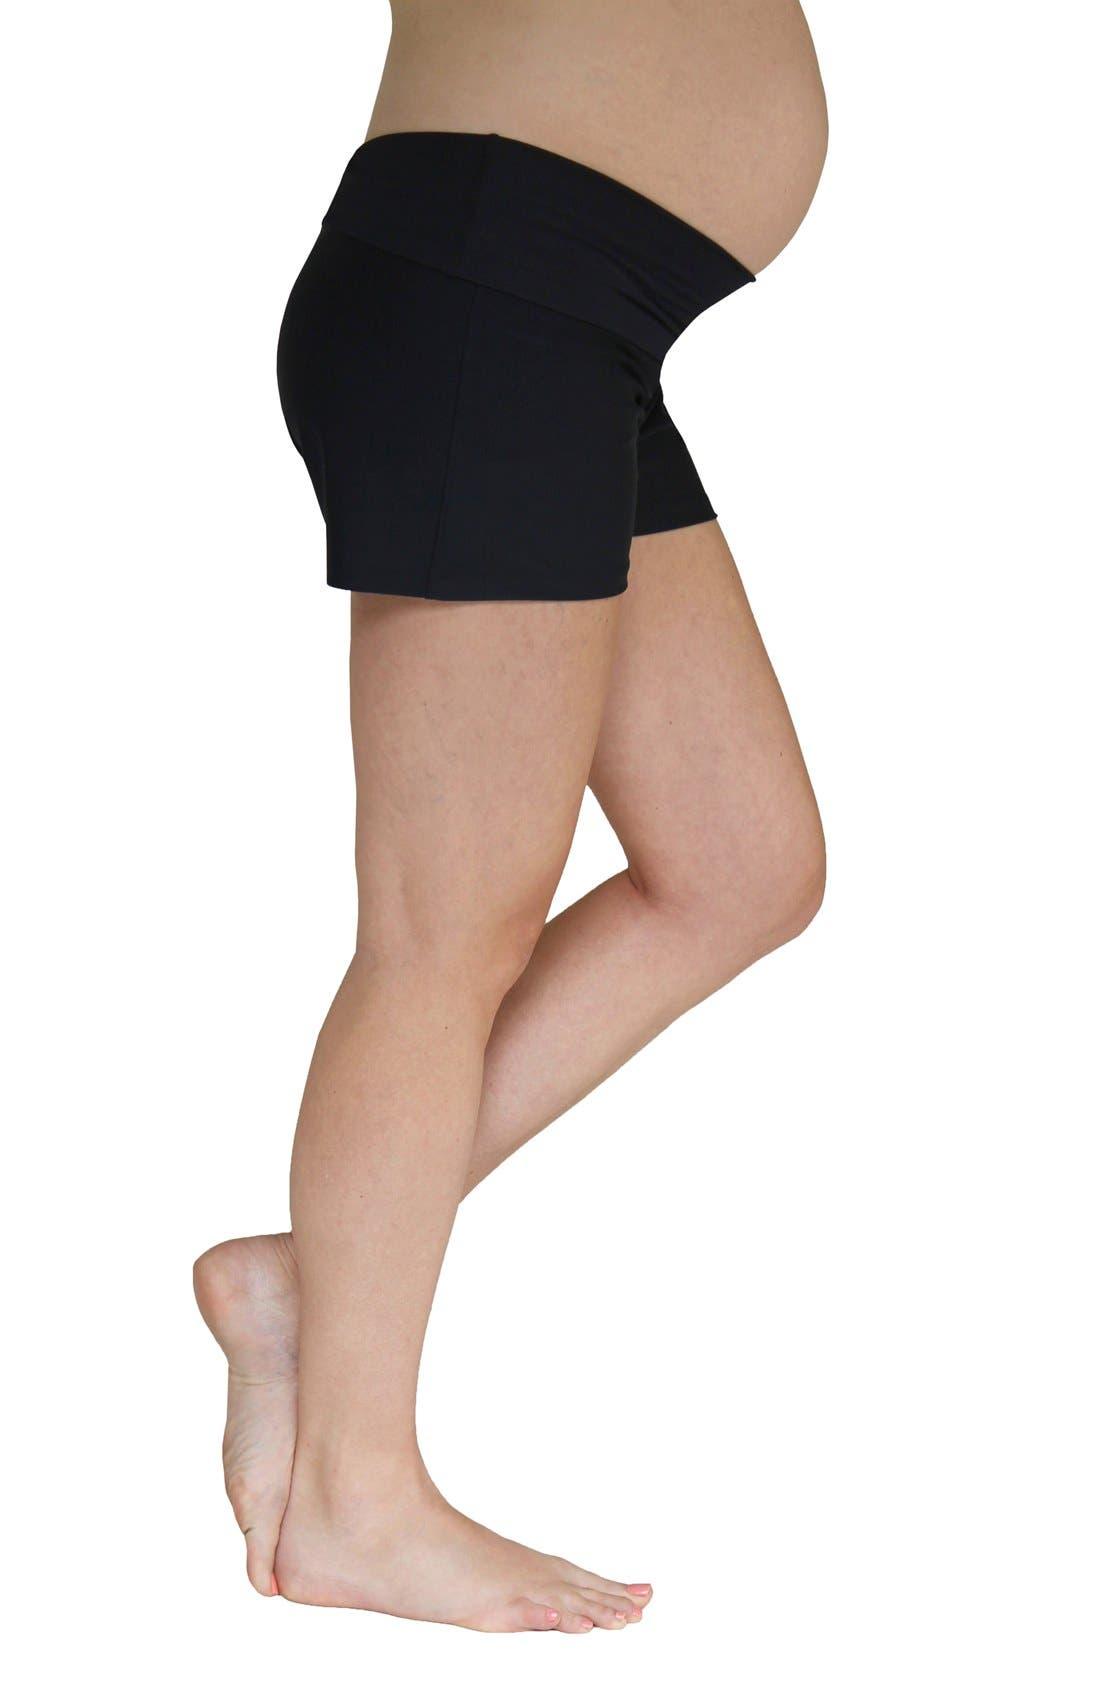 Foldover Maternity Swim Shorts,                             Main thumbnail 1, color,                             BLACK